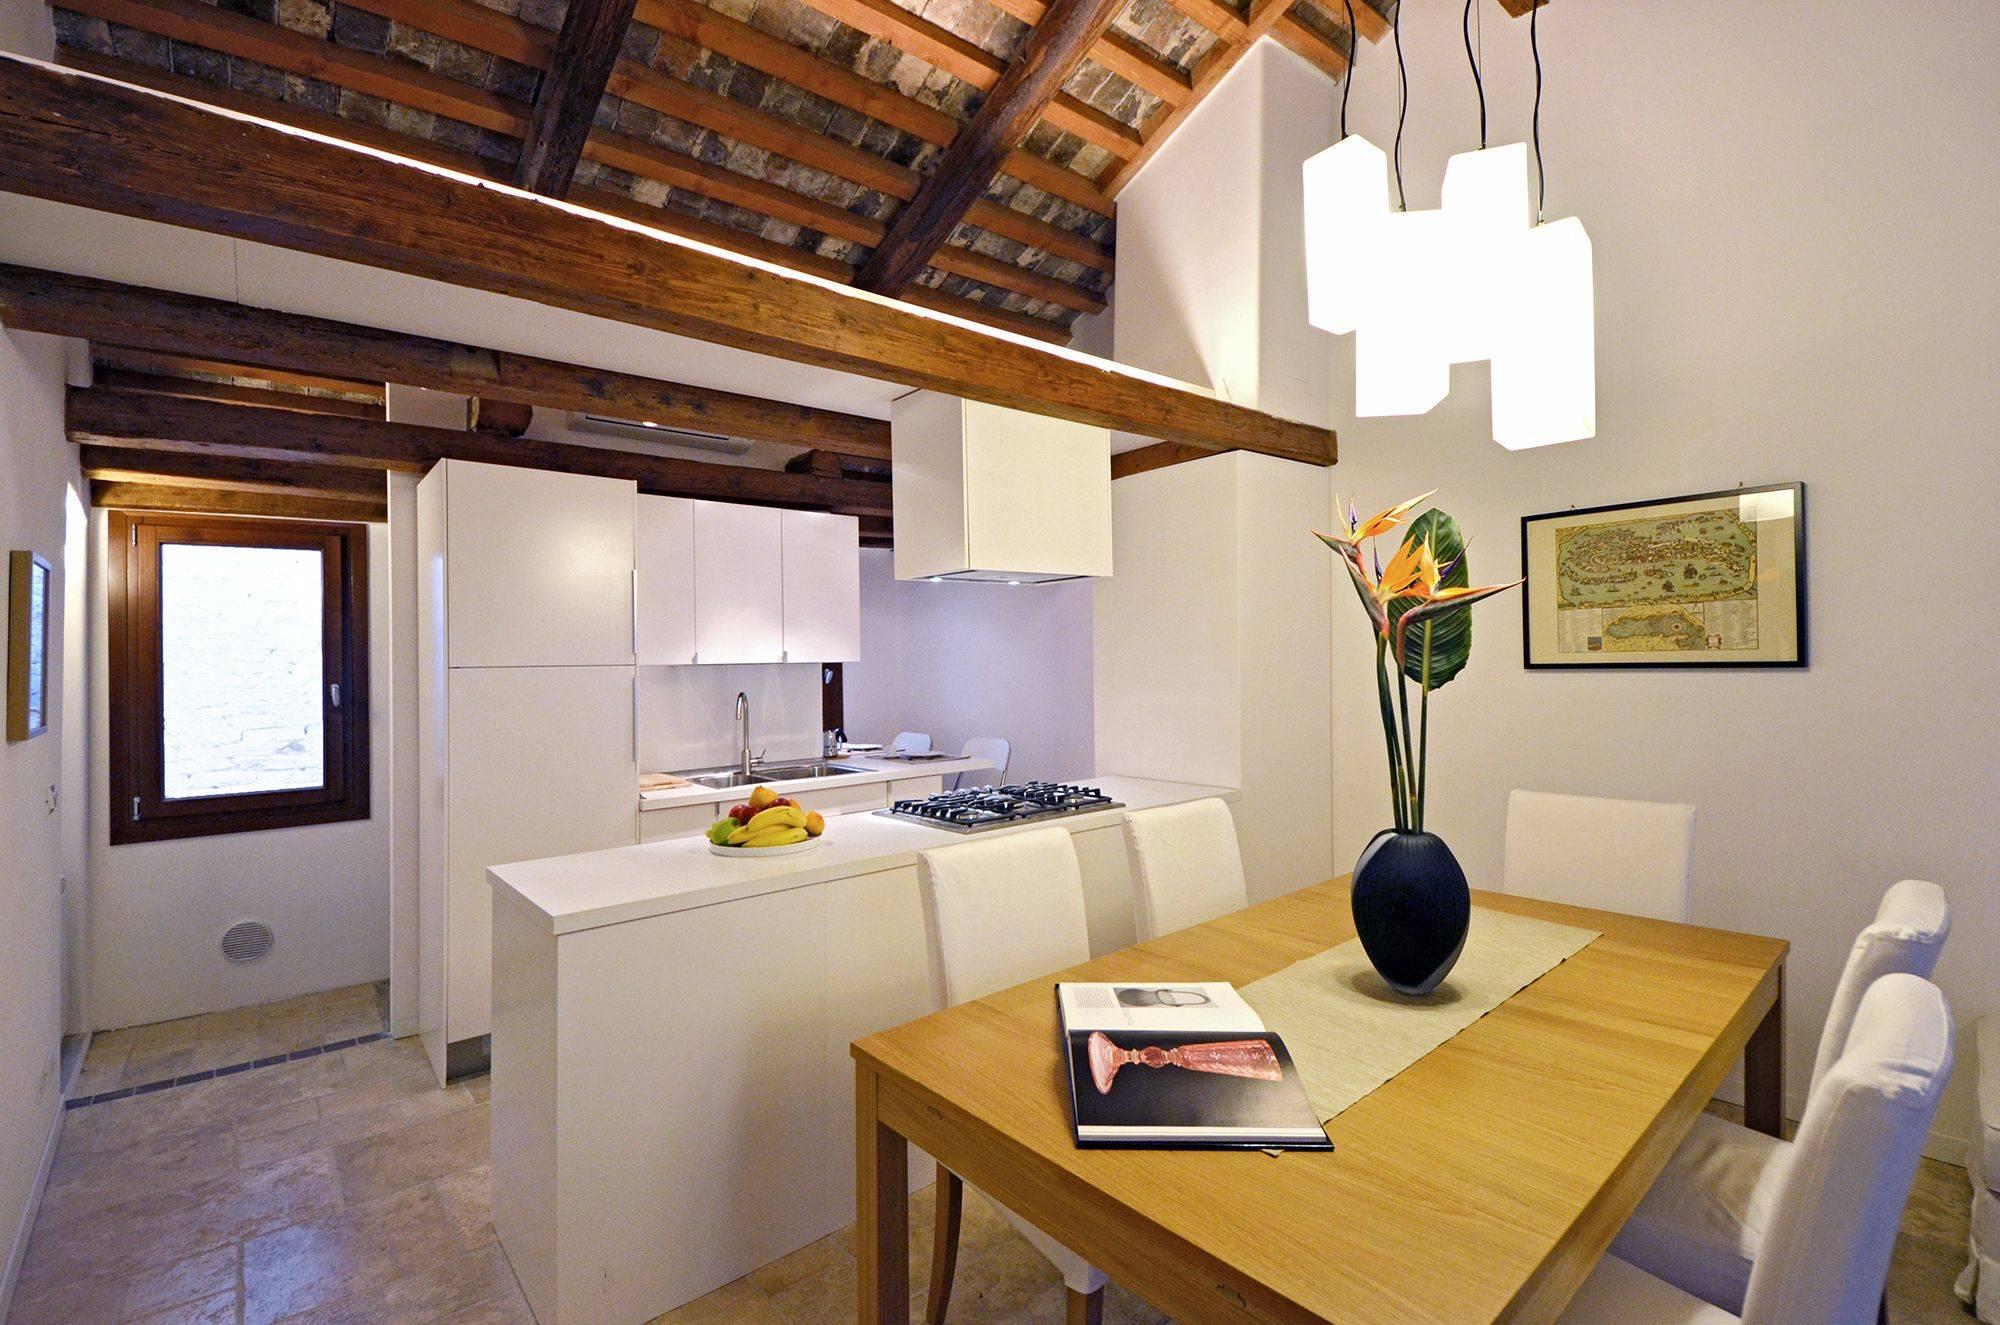 3rd floor living/dining room